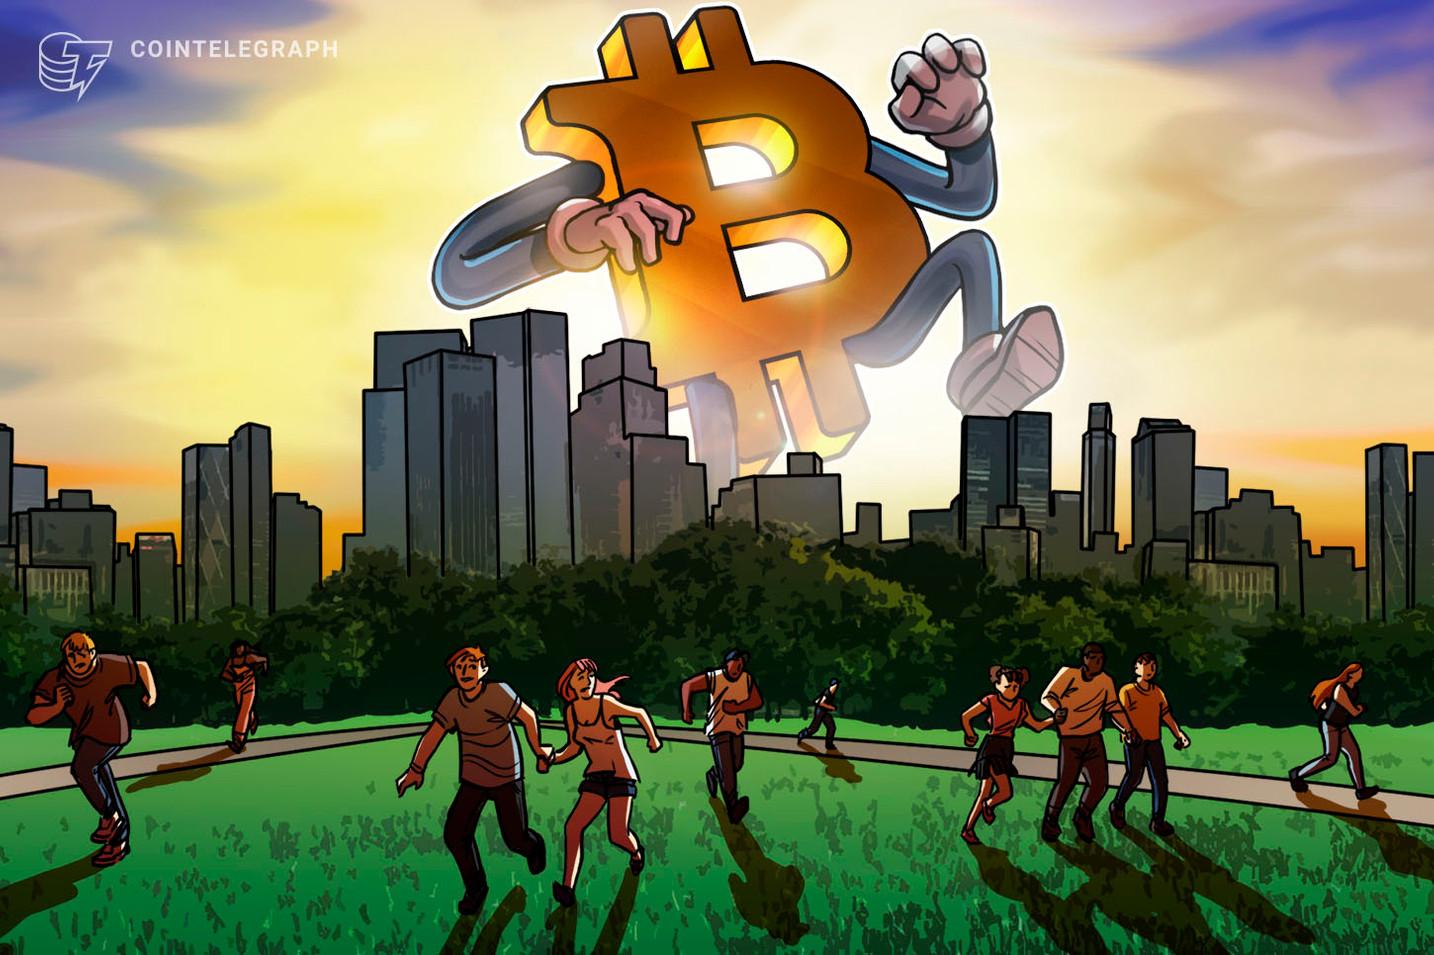 """Bloomberg: """"Bitcoin'in Yükselmemesi İçin Bir Şeylerin Gerçekten Yanlış Gitmesi Gerek"""""""